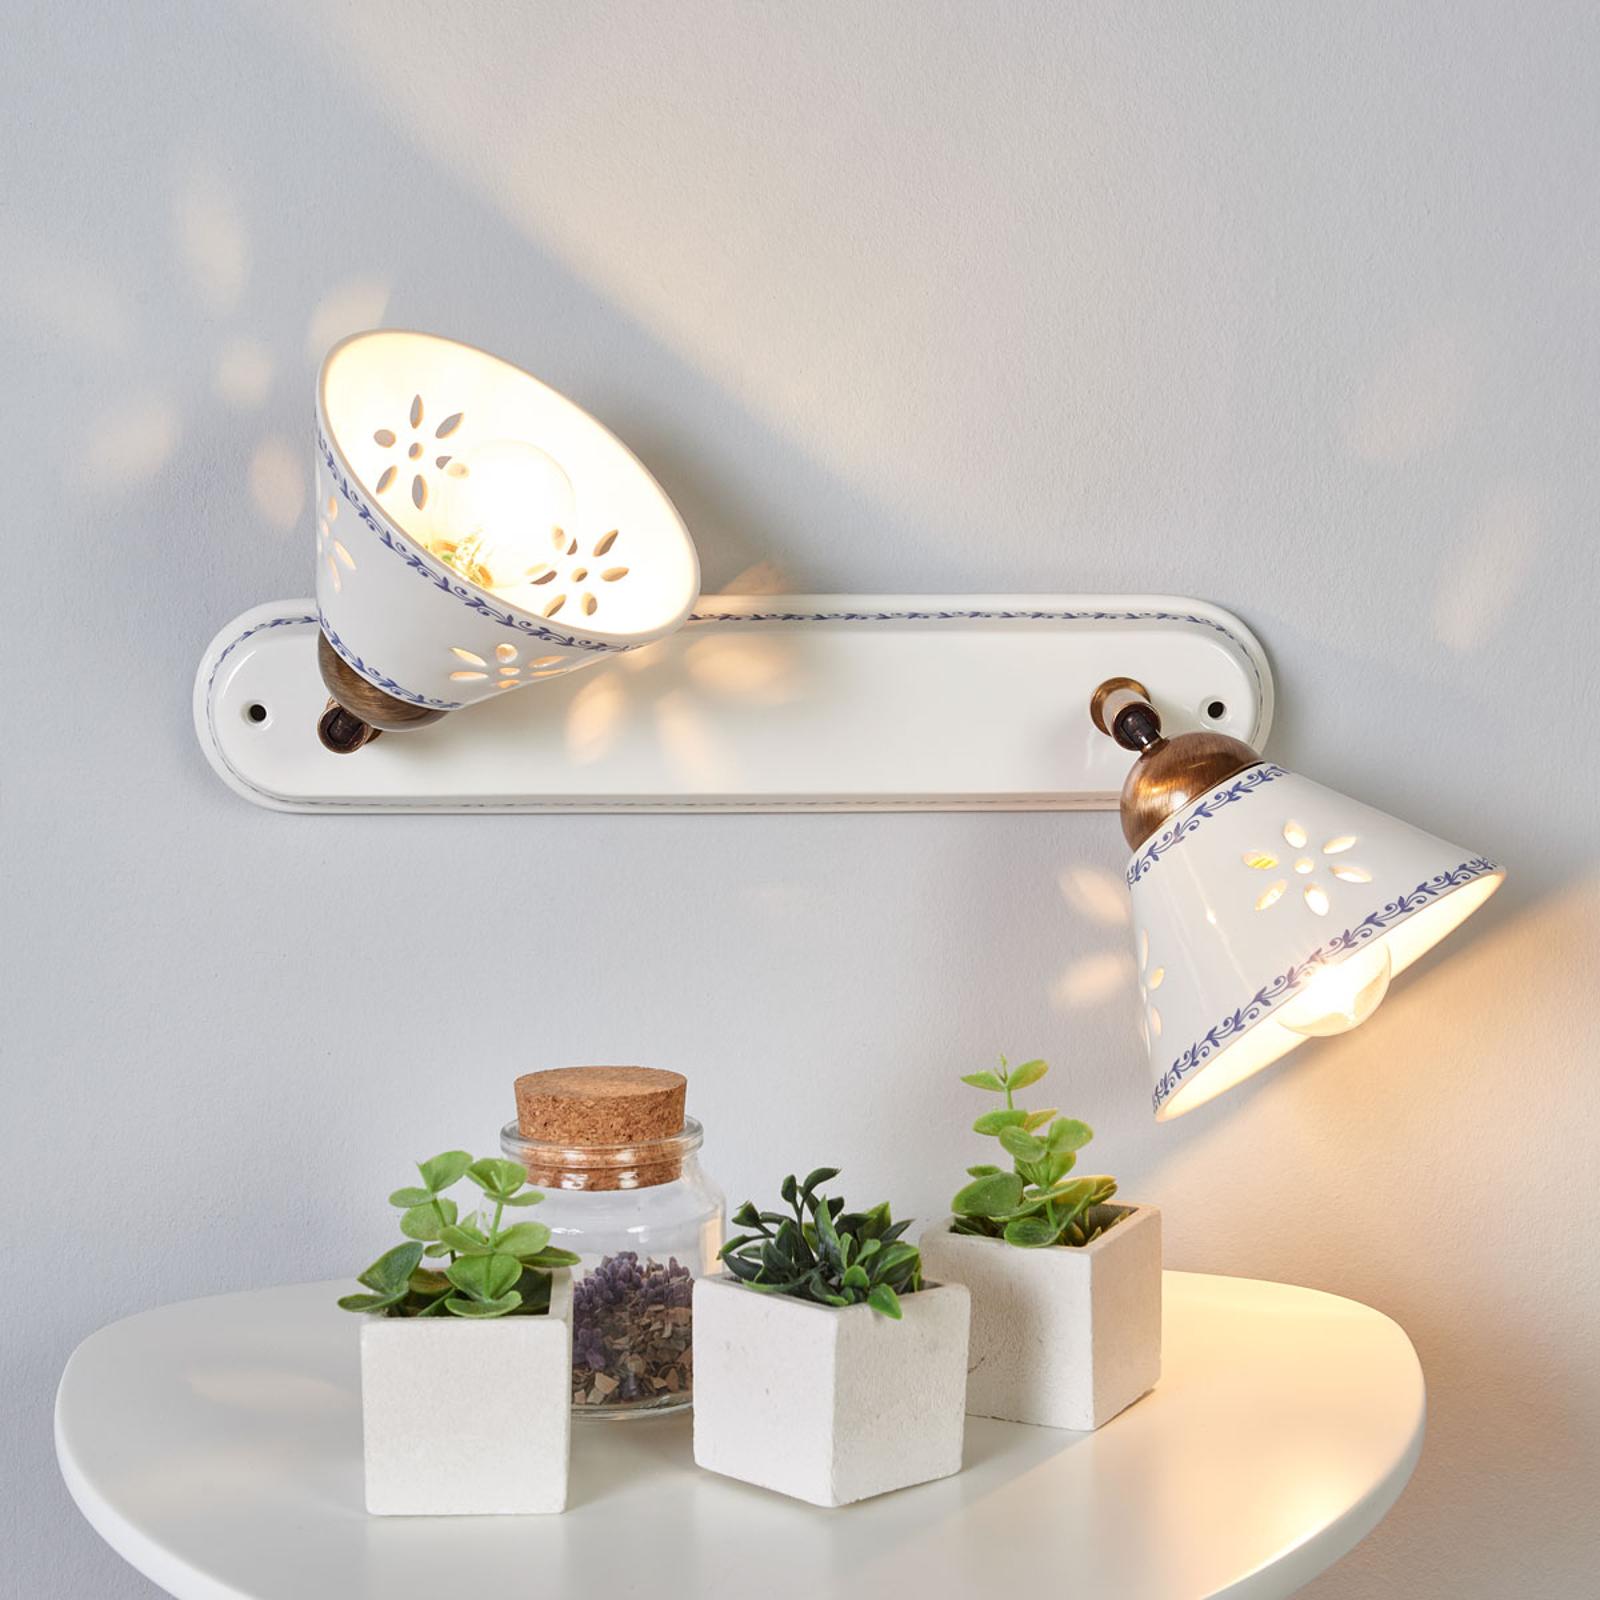 NONNA vegglampe i hvit keramikk og med to lys